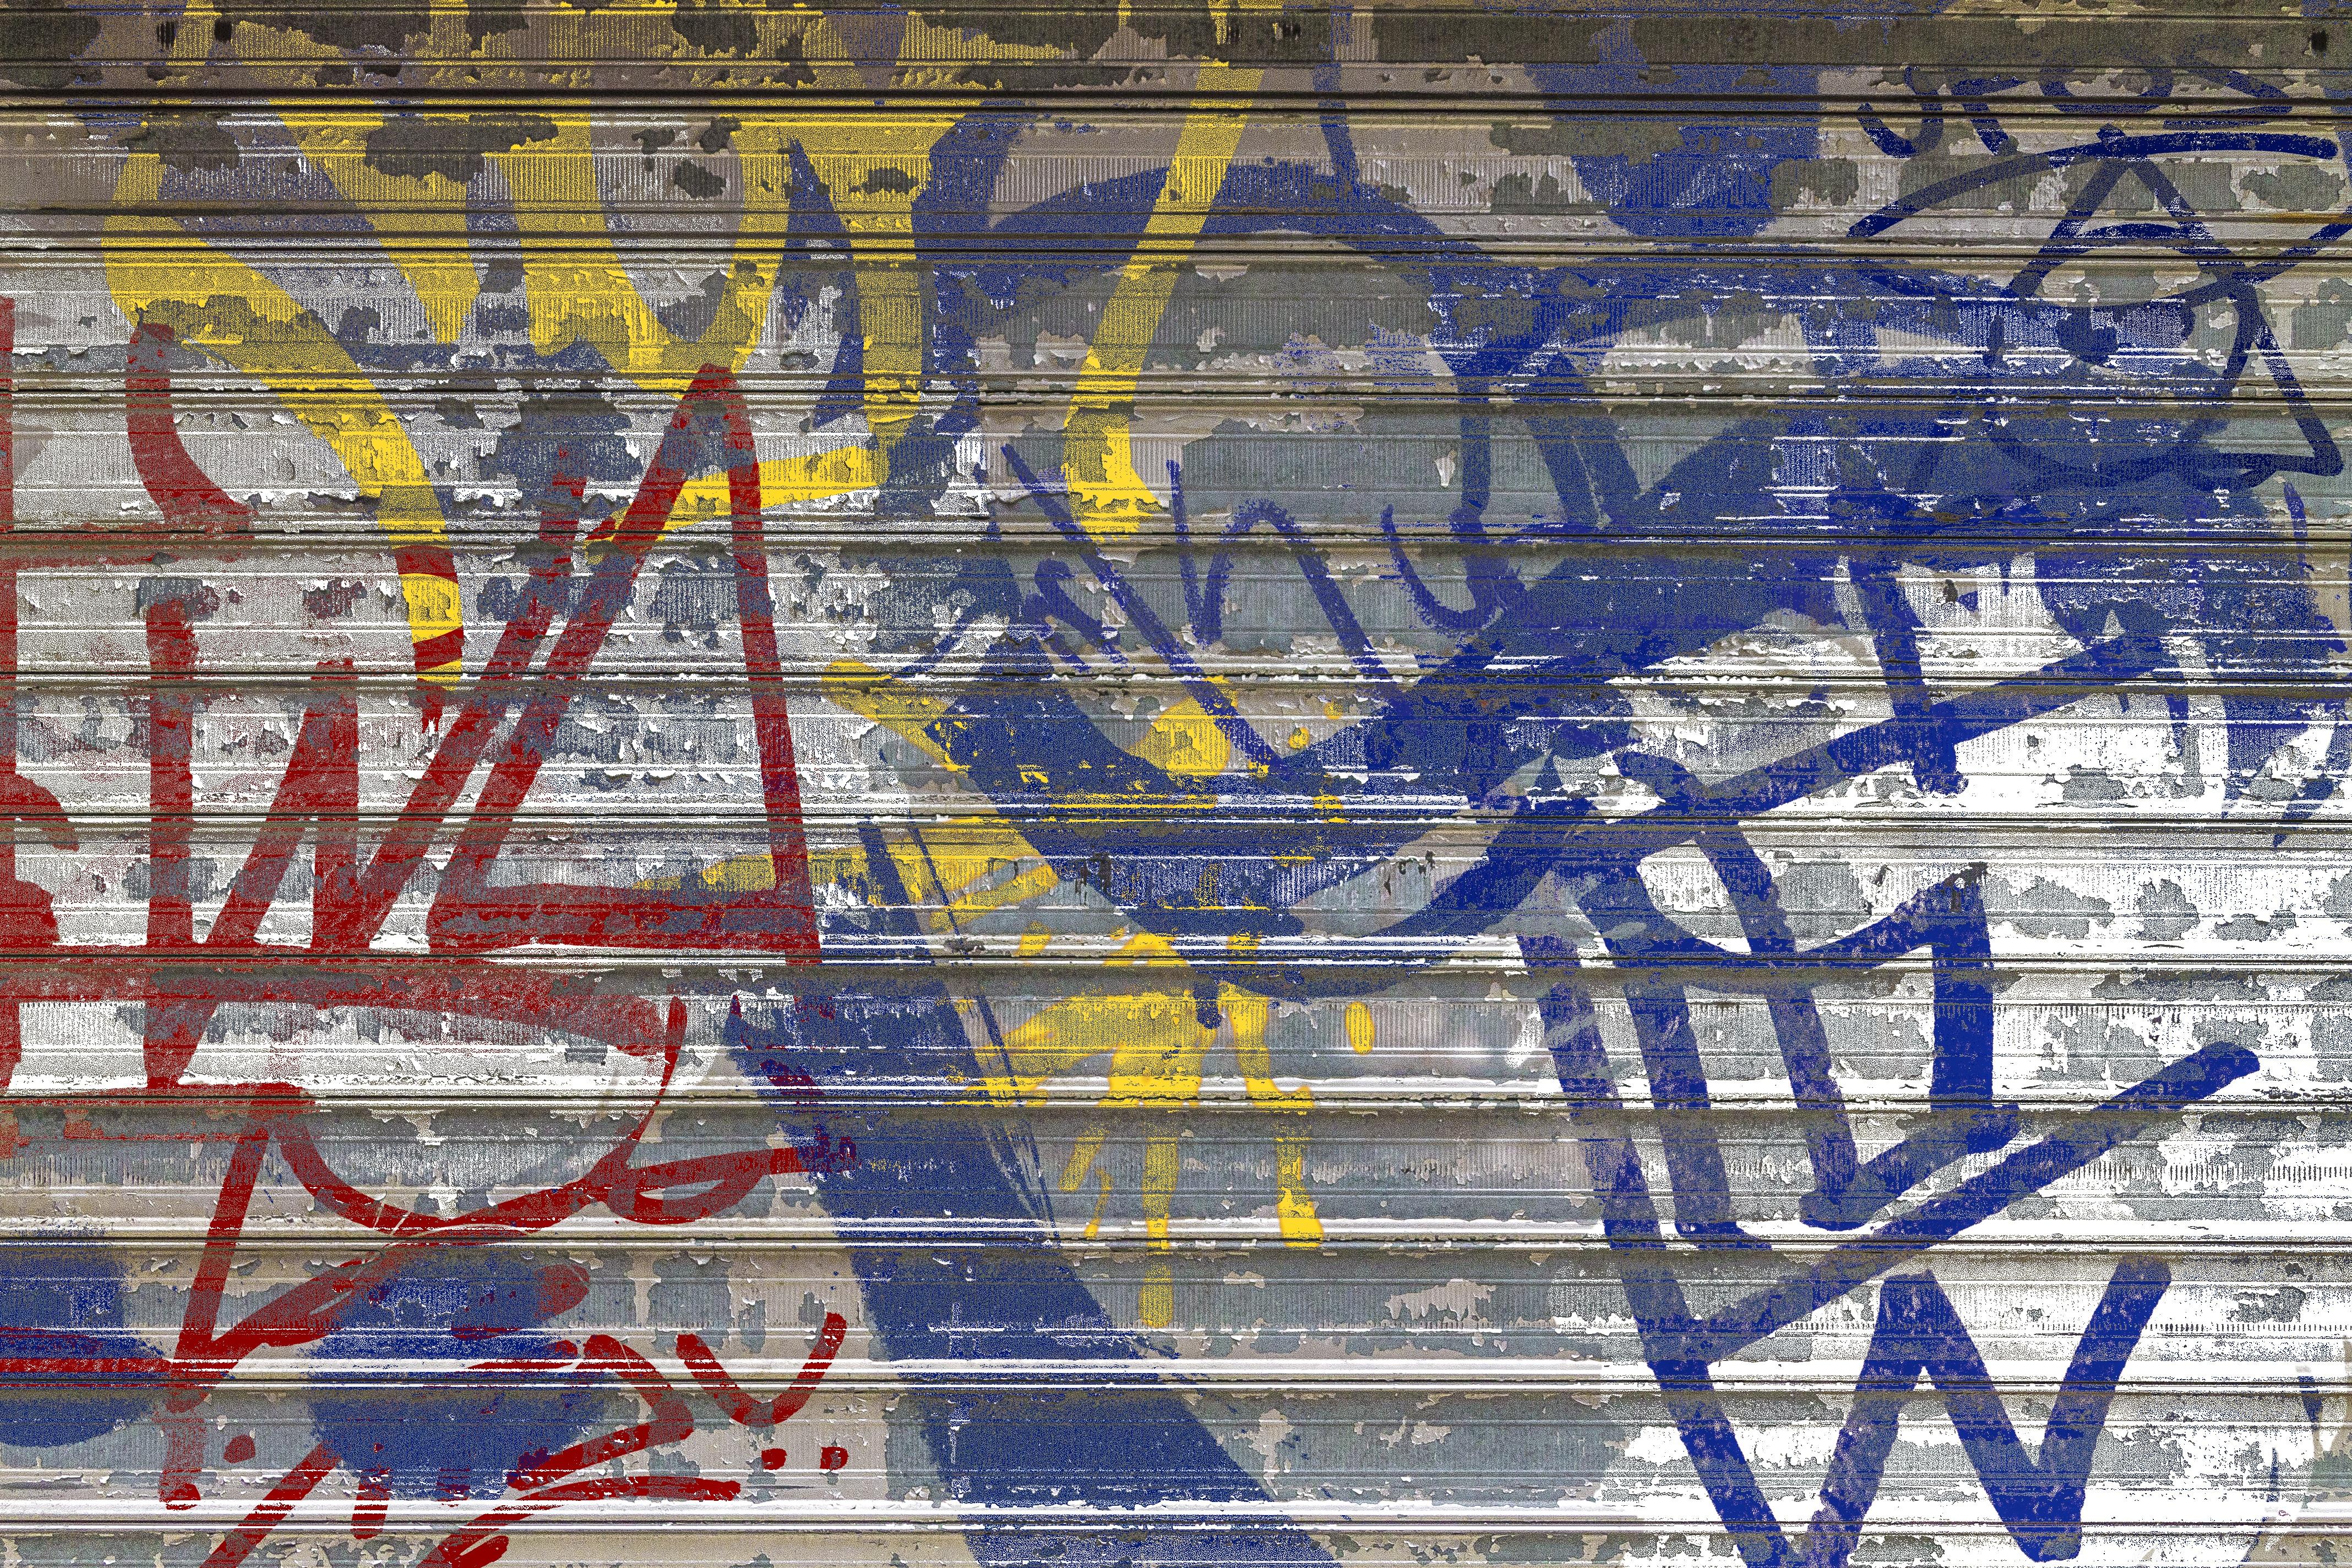 Graffiti Mural Spray Paint